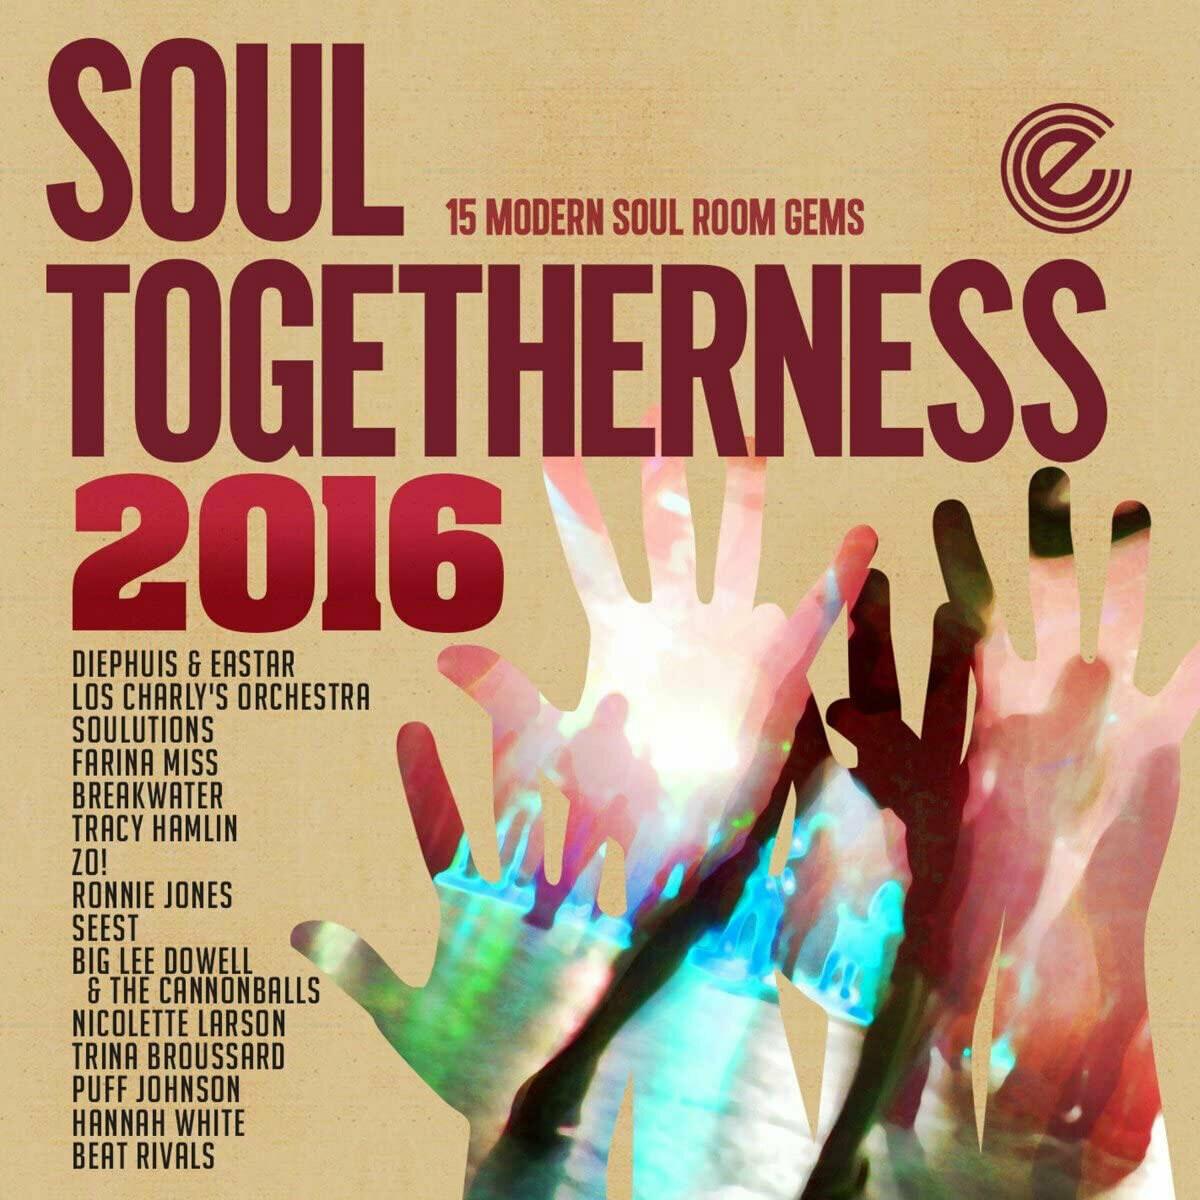 Soul Togetherness 2016 (CD)